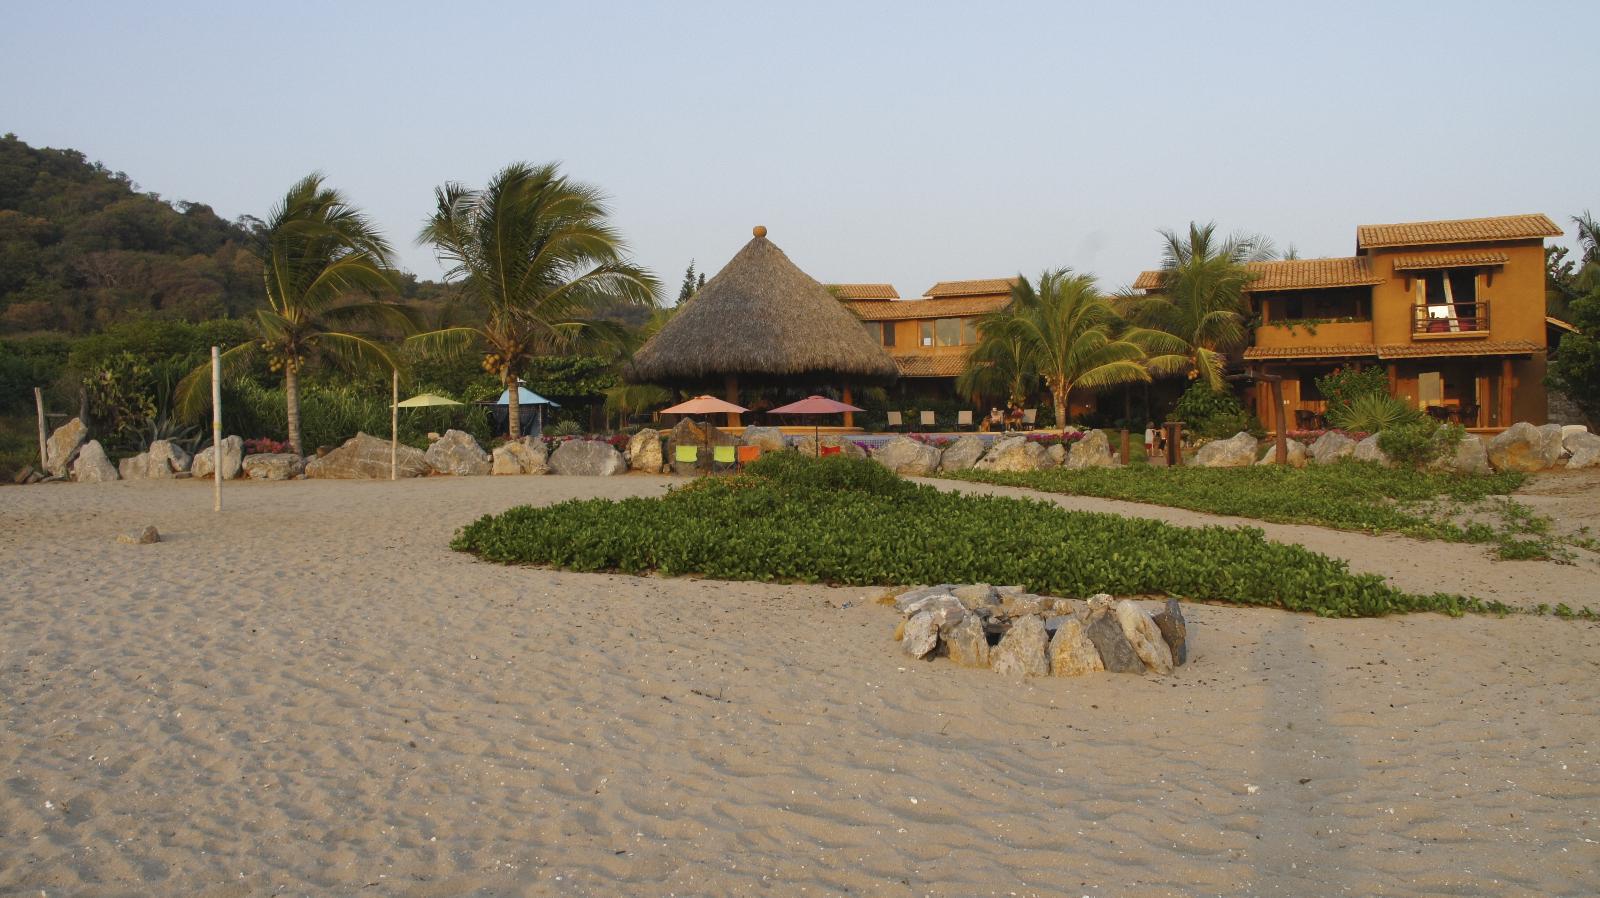 2.Beach View